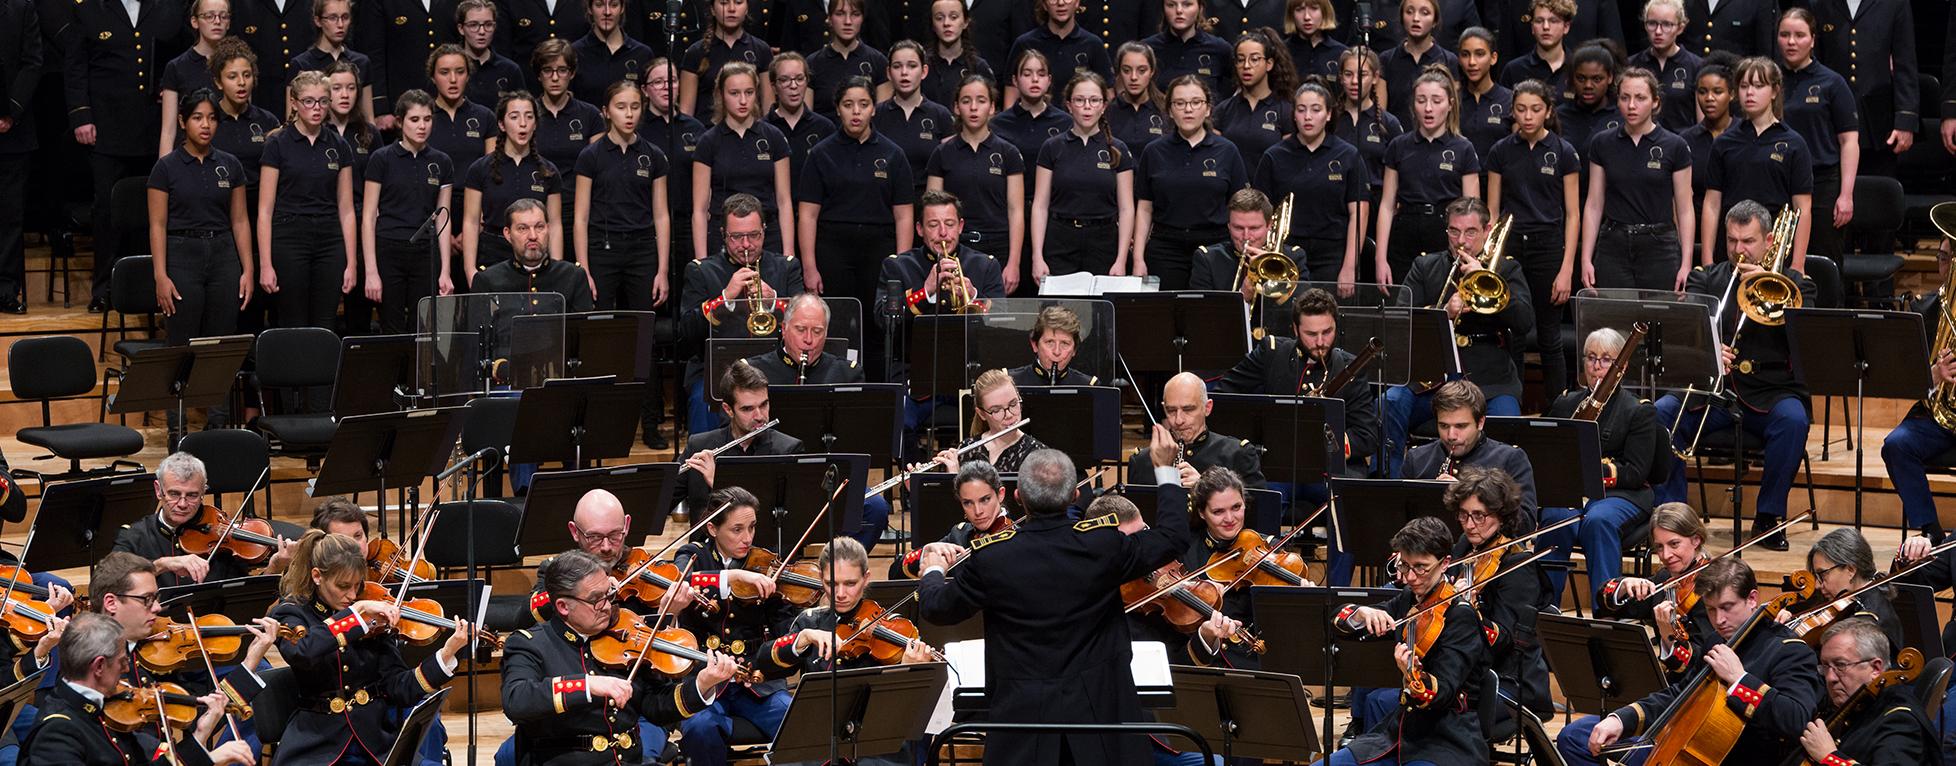 Le Concert de Noël en direct depuis le Théâtre des Champs-Elysées